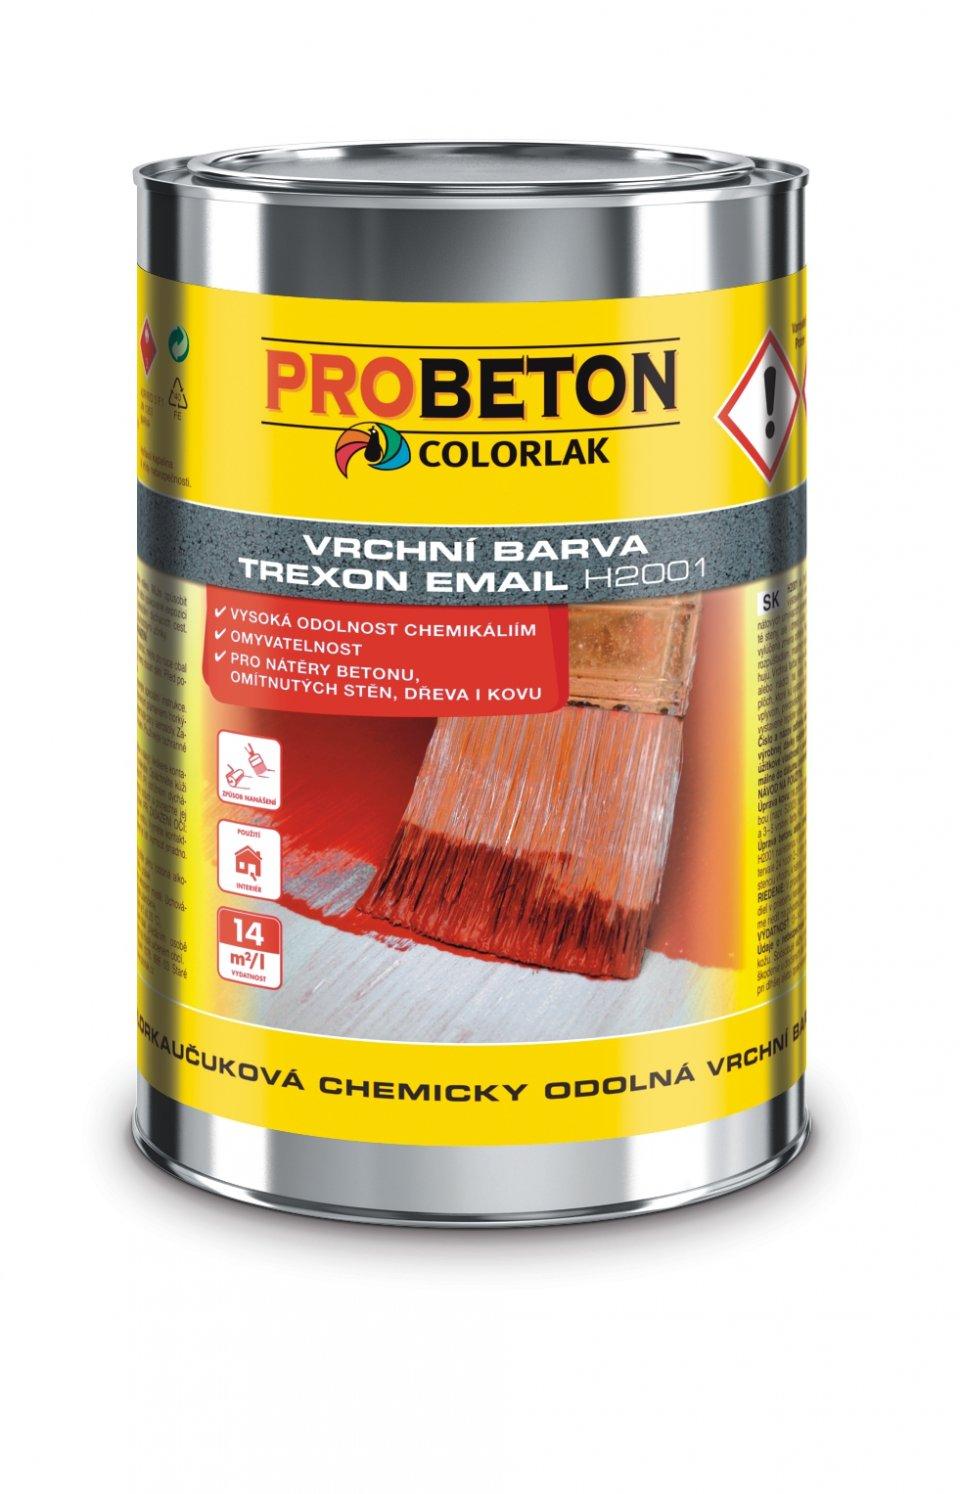 Trexon Email H-2001 -chemicky odolná farba na betón